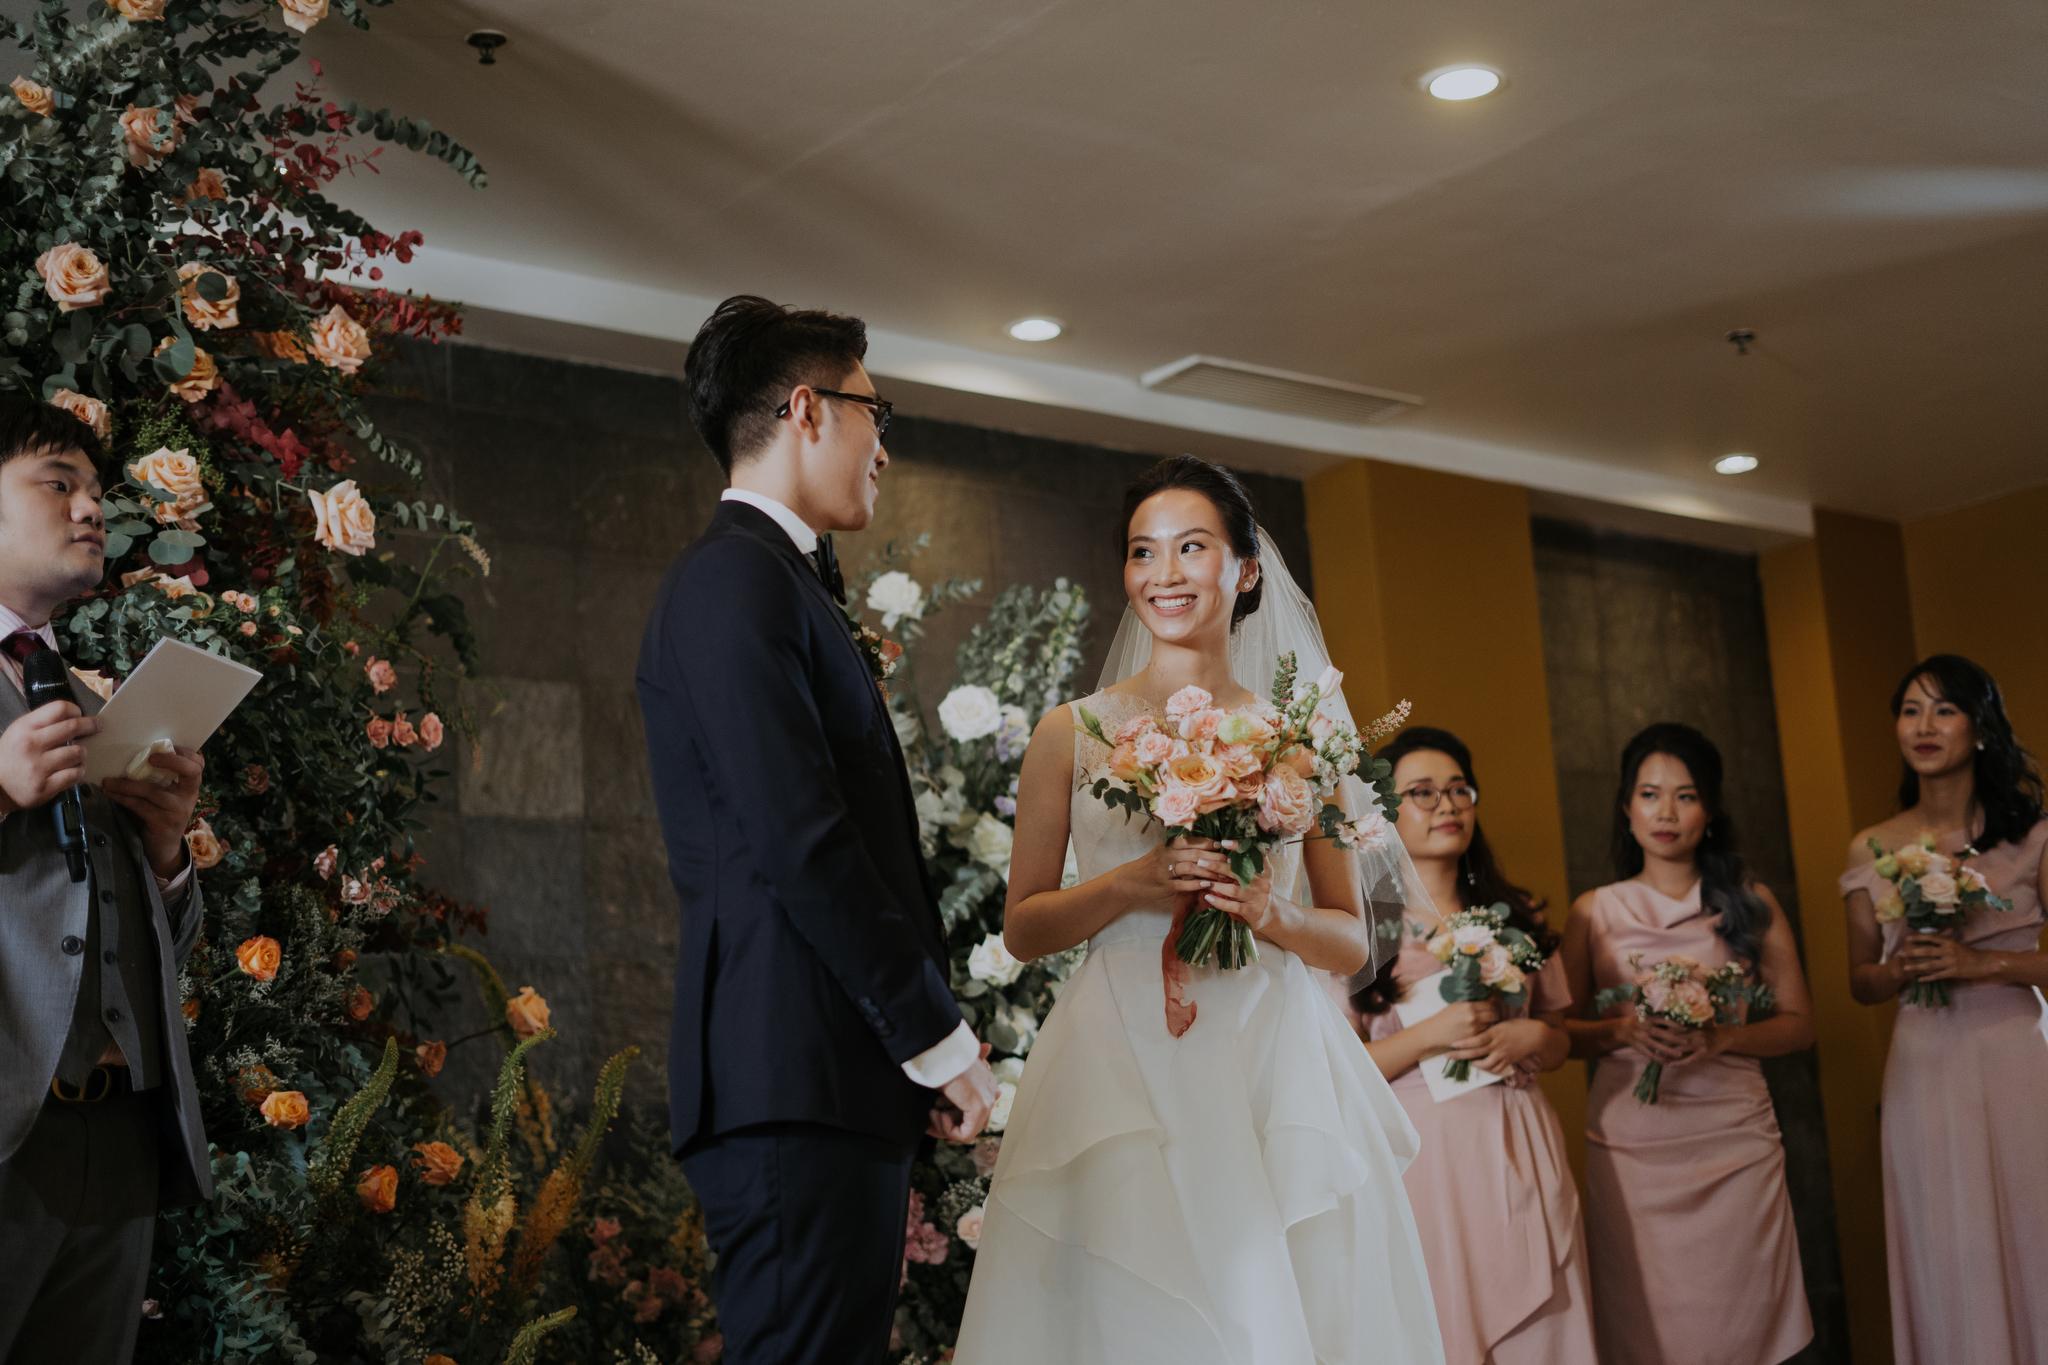 https://huk.s3.amazonaws.com/uploads/image/source/1403/Phuong-Diep-HN-Ceremony-1-0443.JPG